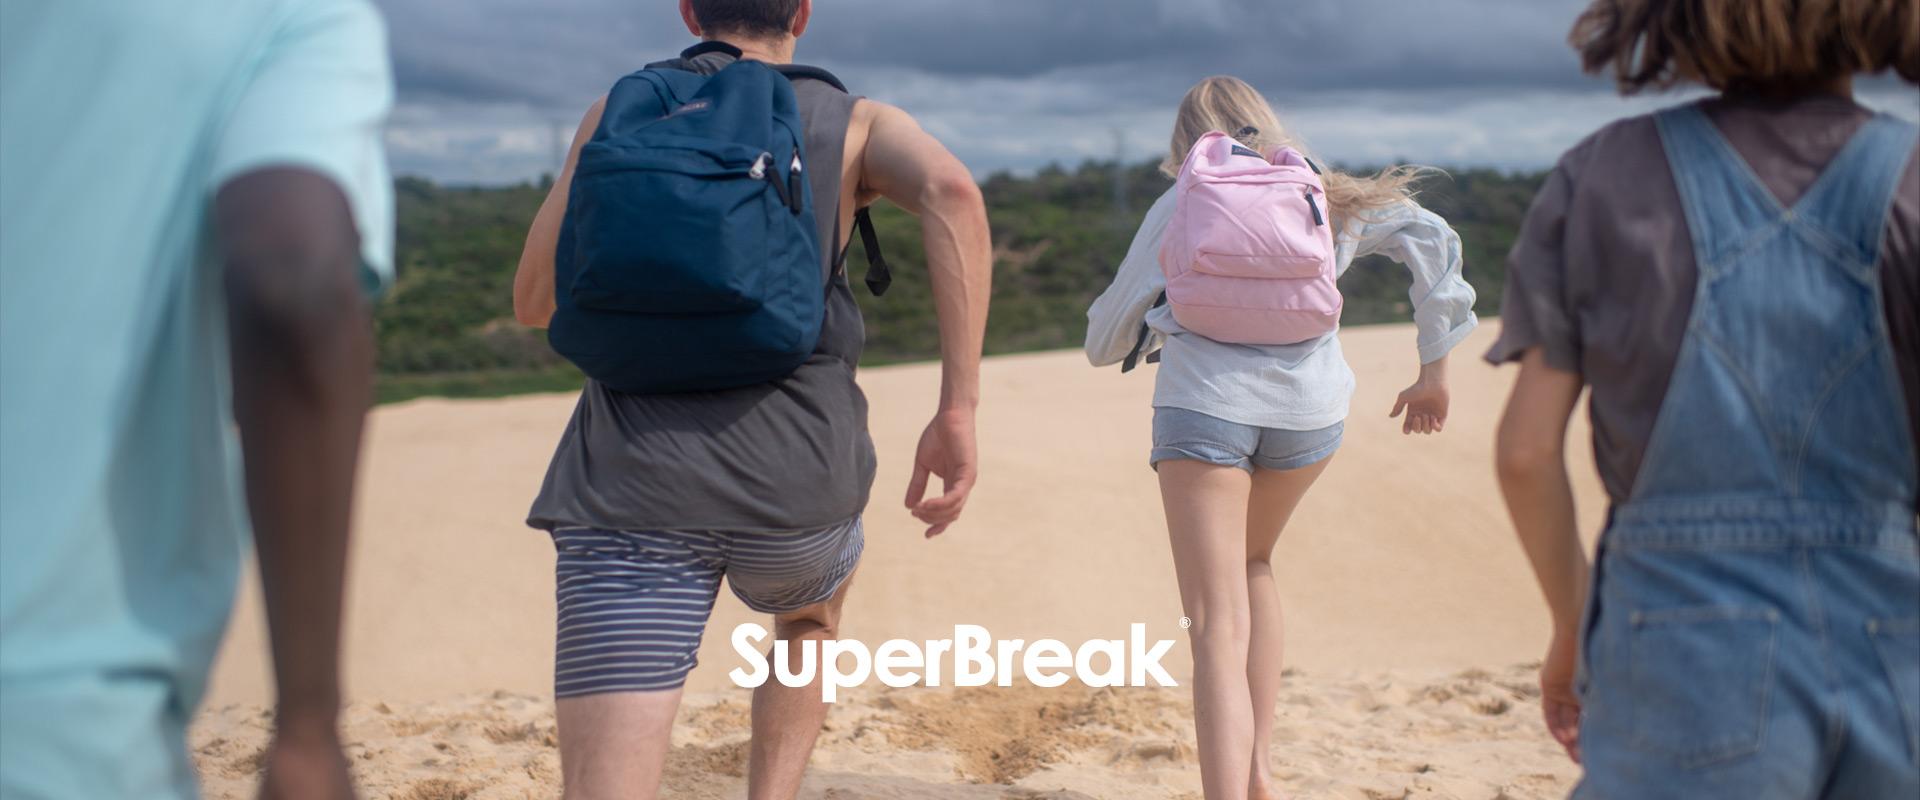 Jansport superbreak